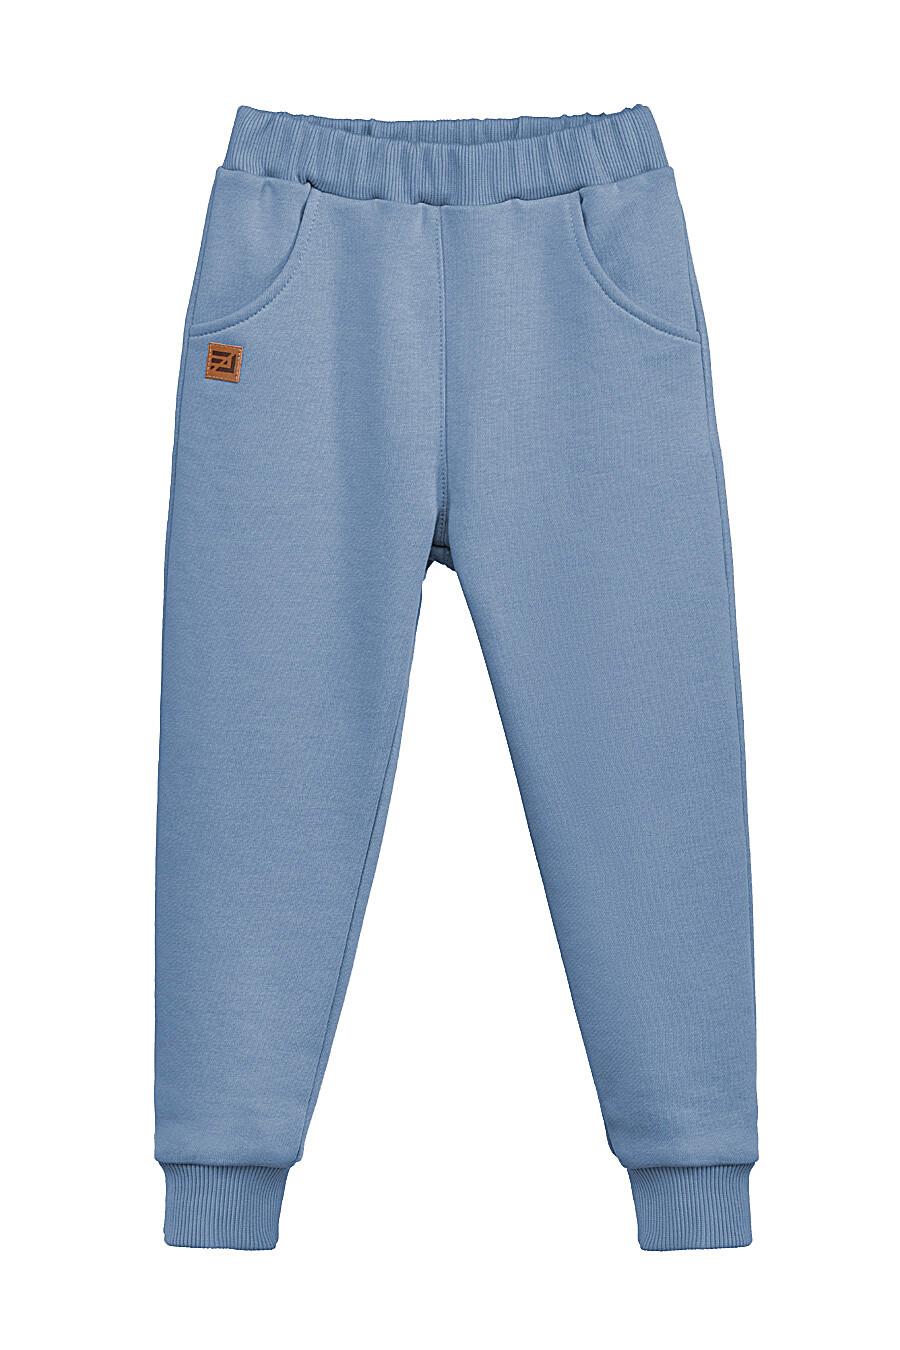 Костюм(Худи+Брюки) для мальчиков EZANNA 649188 купить оптом от производителя. Совместная покупка детской одежды в OptMoyo